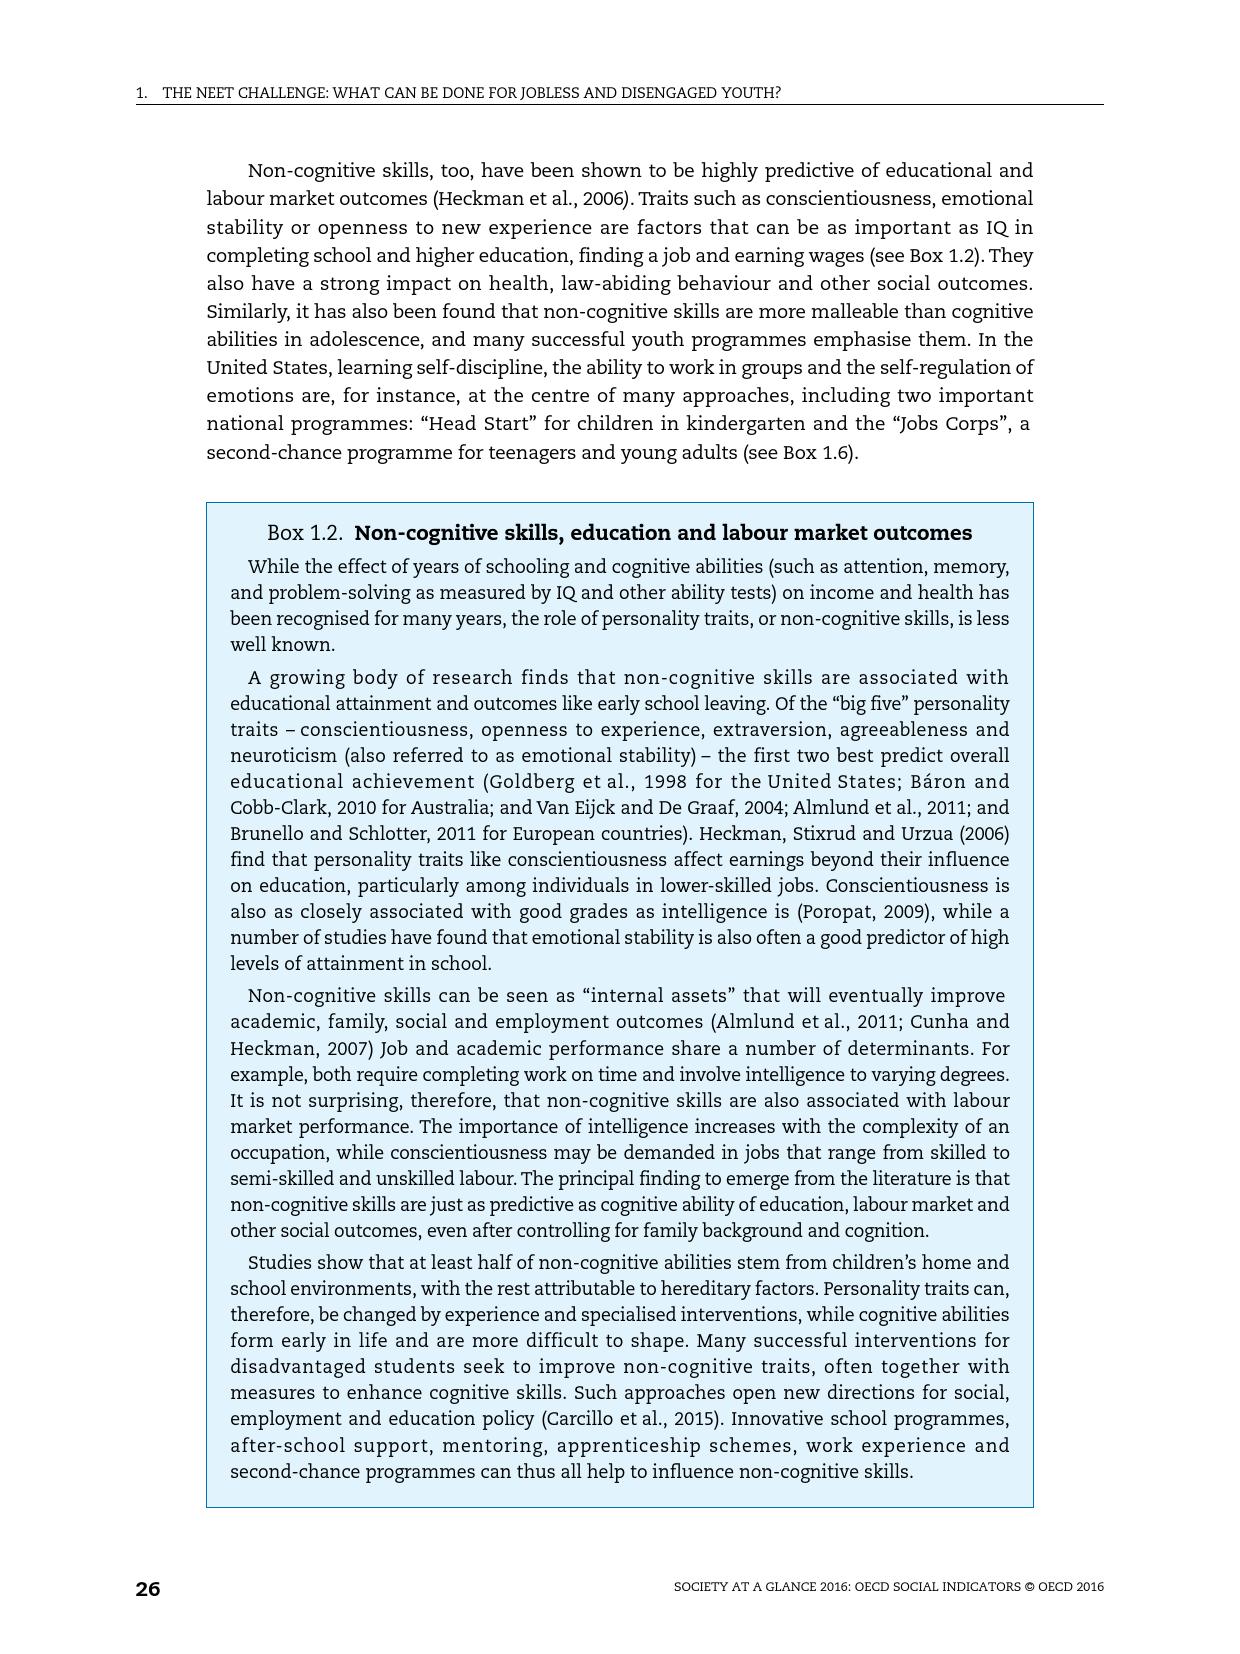 2016年OECD国家社会概览报告_000028